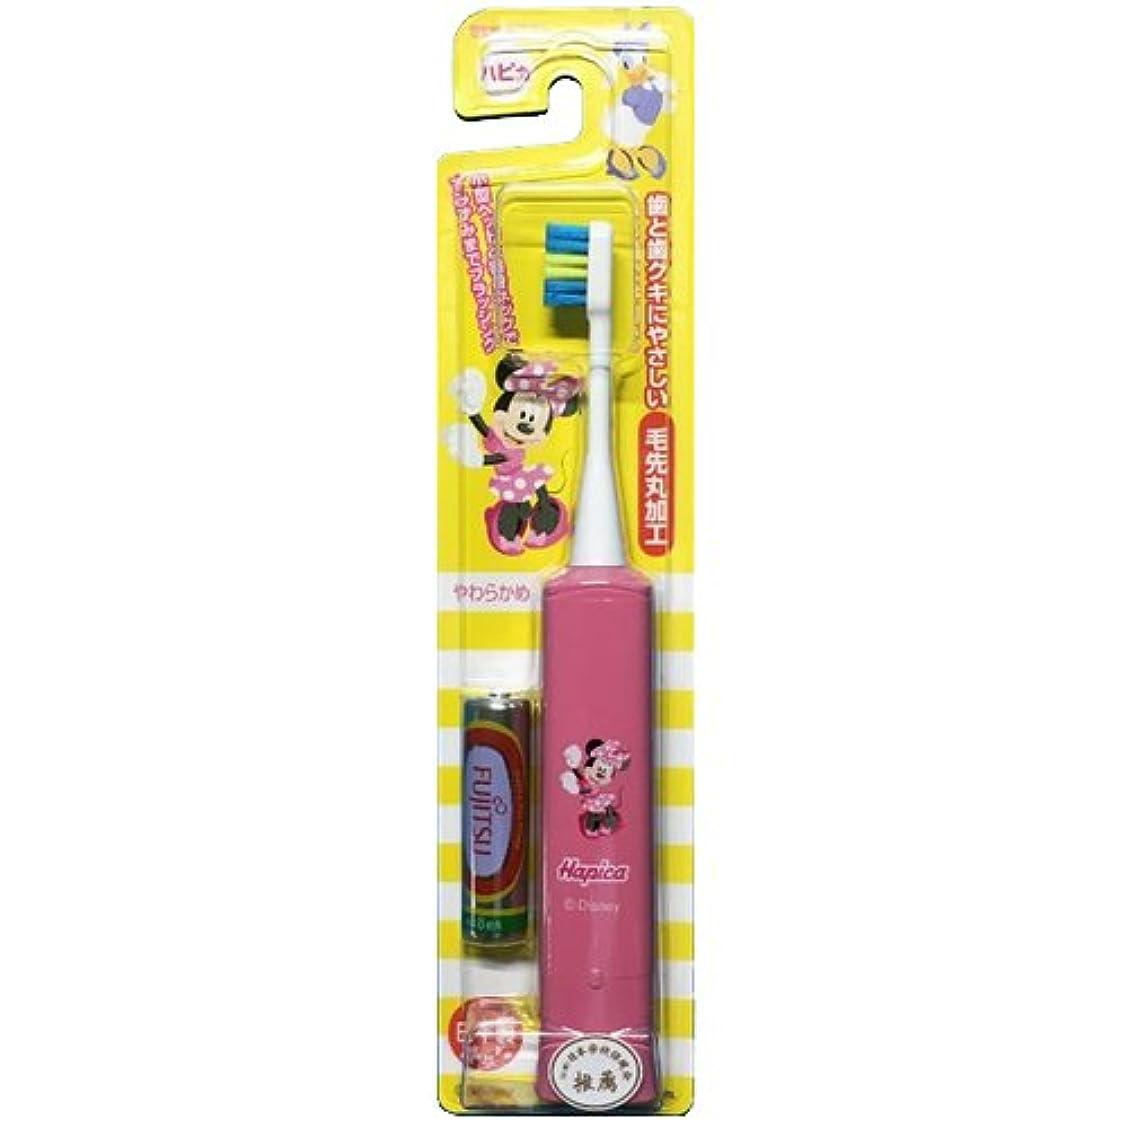 コミュニケーションかるコンピューターミニマム 電動付歯ブラシ こどもハピカ ミニー(ピンク) 毛の硬さ:やわらかめ DBK-5P(MK)